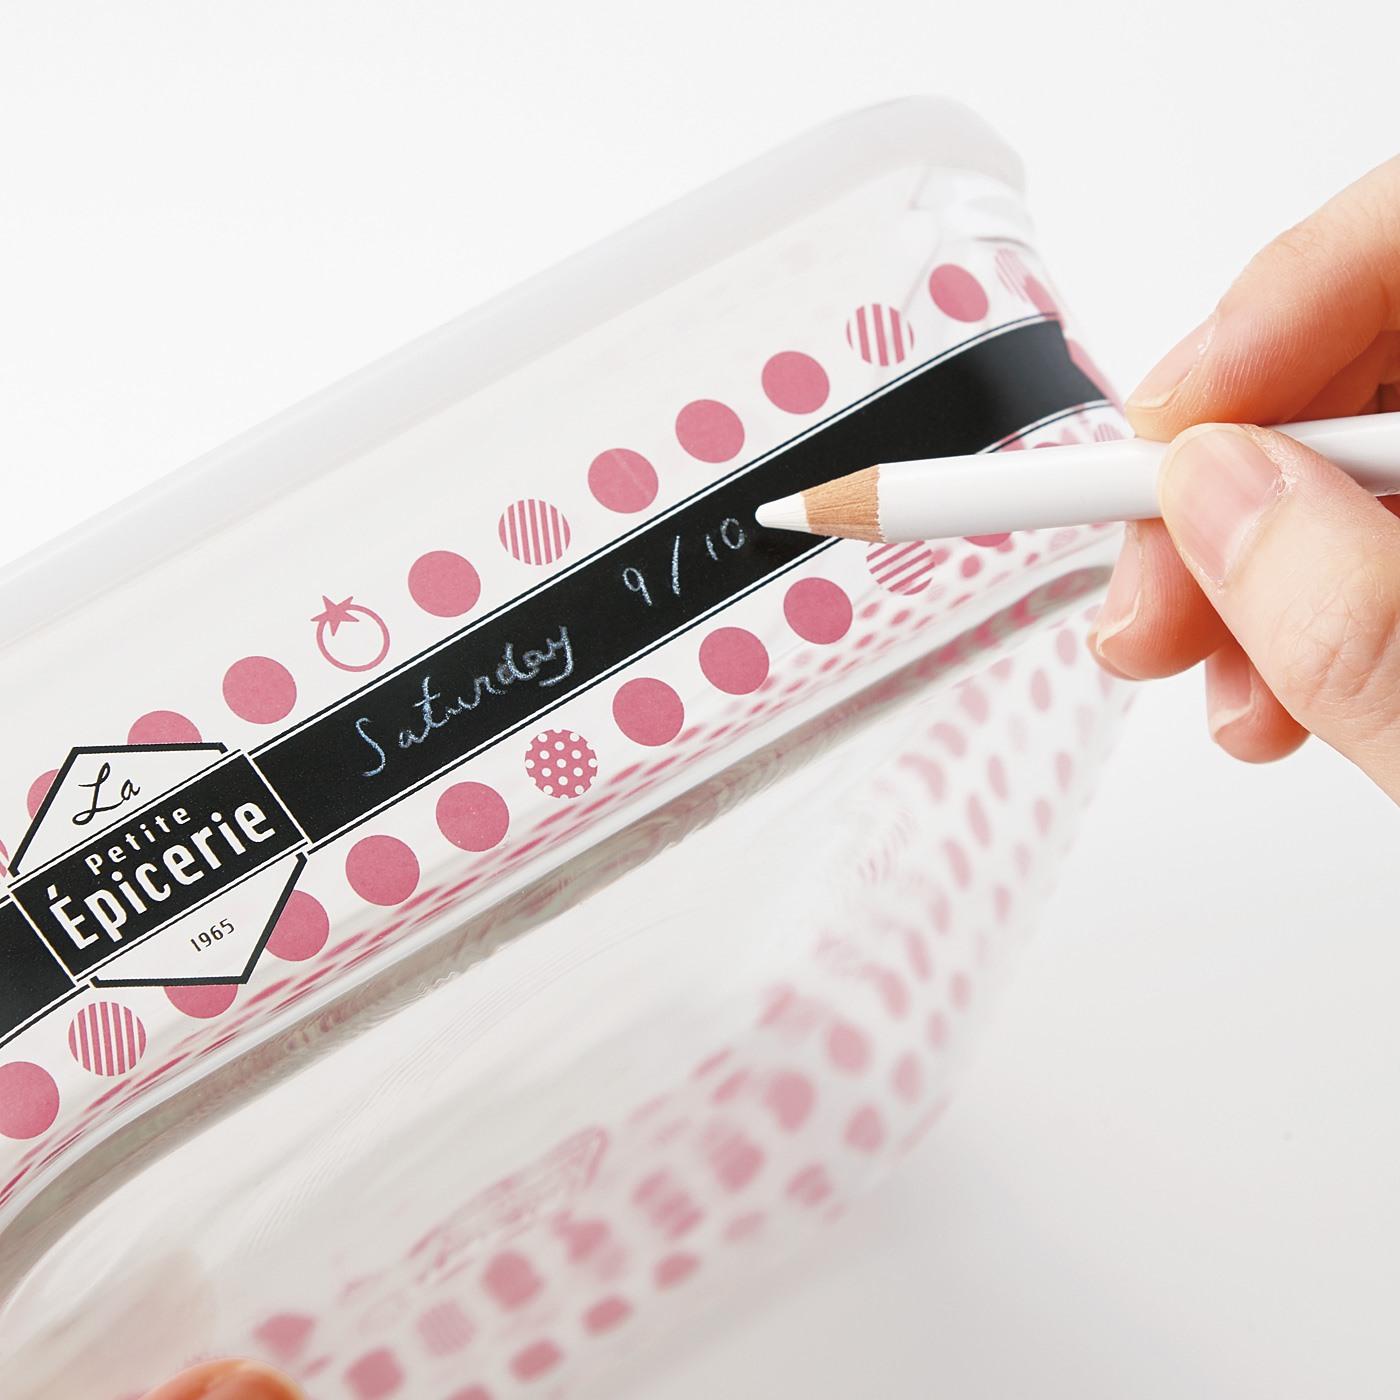 淡色の色鉛筆で簡単に書き込みOK。洗えばサッと落とせます。 ※写真は異なるサイズの商品です。